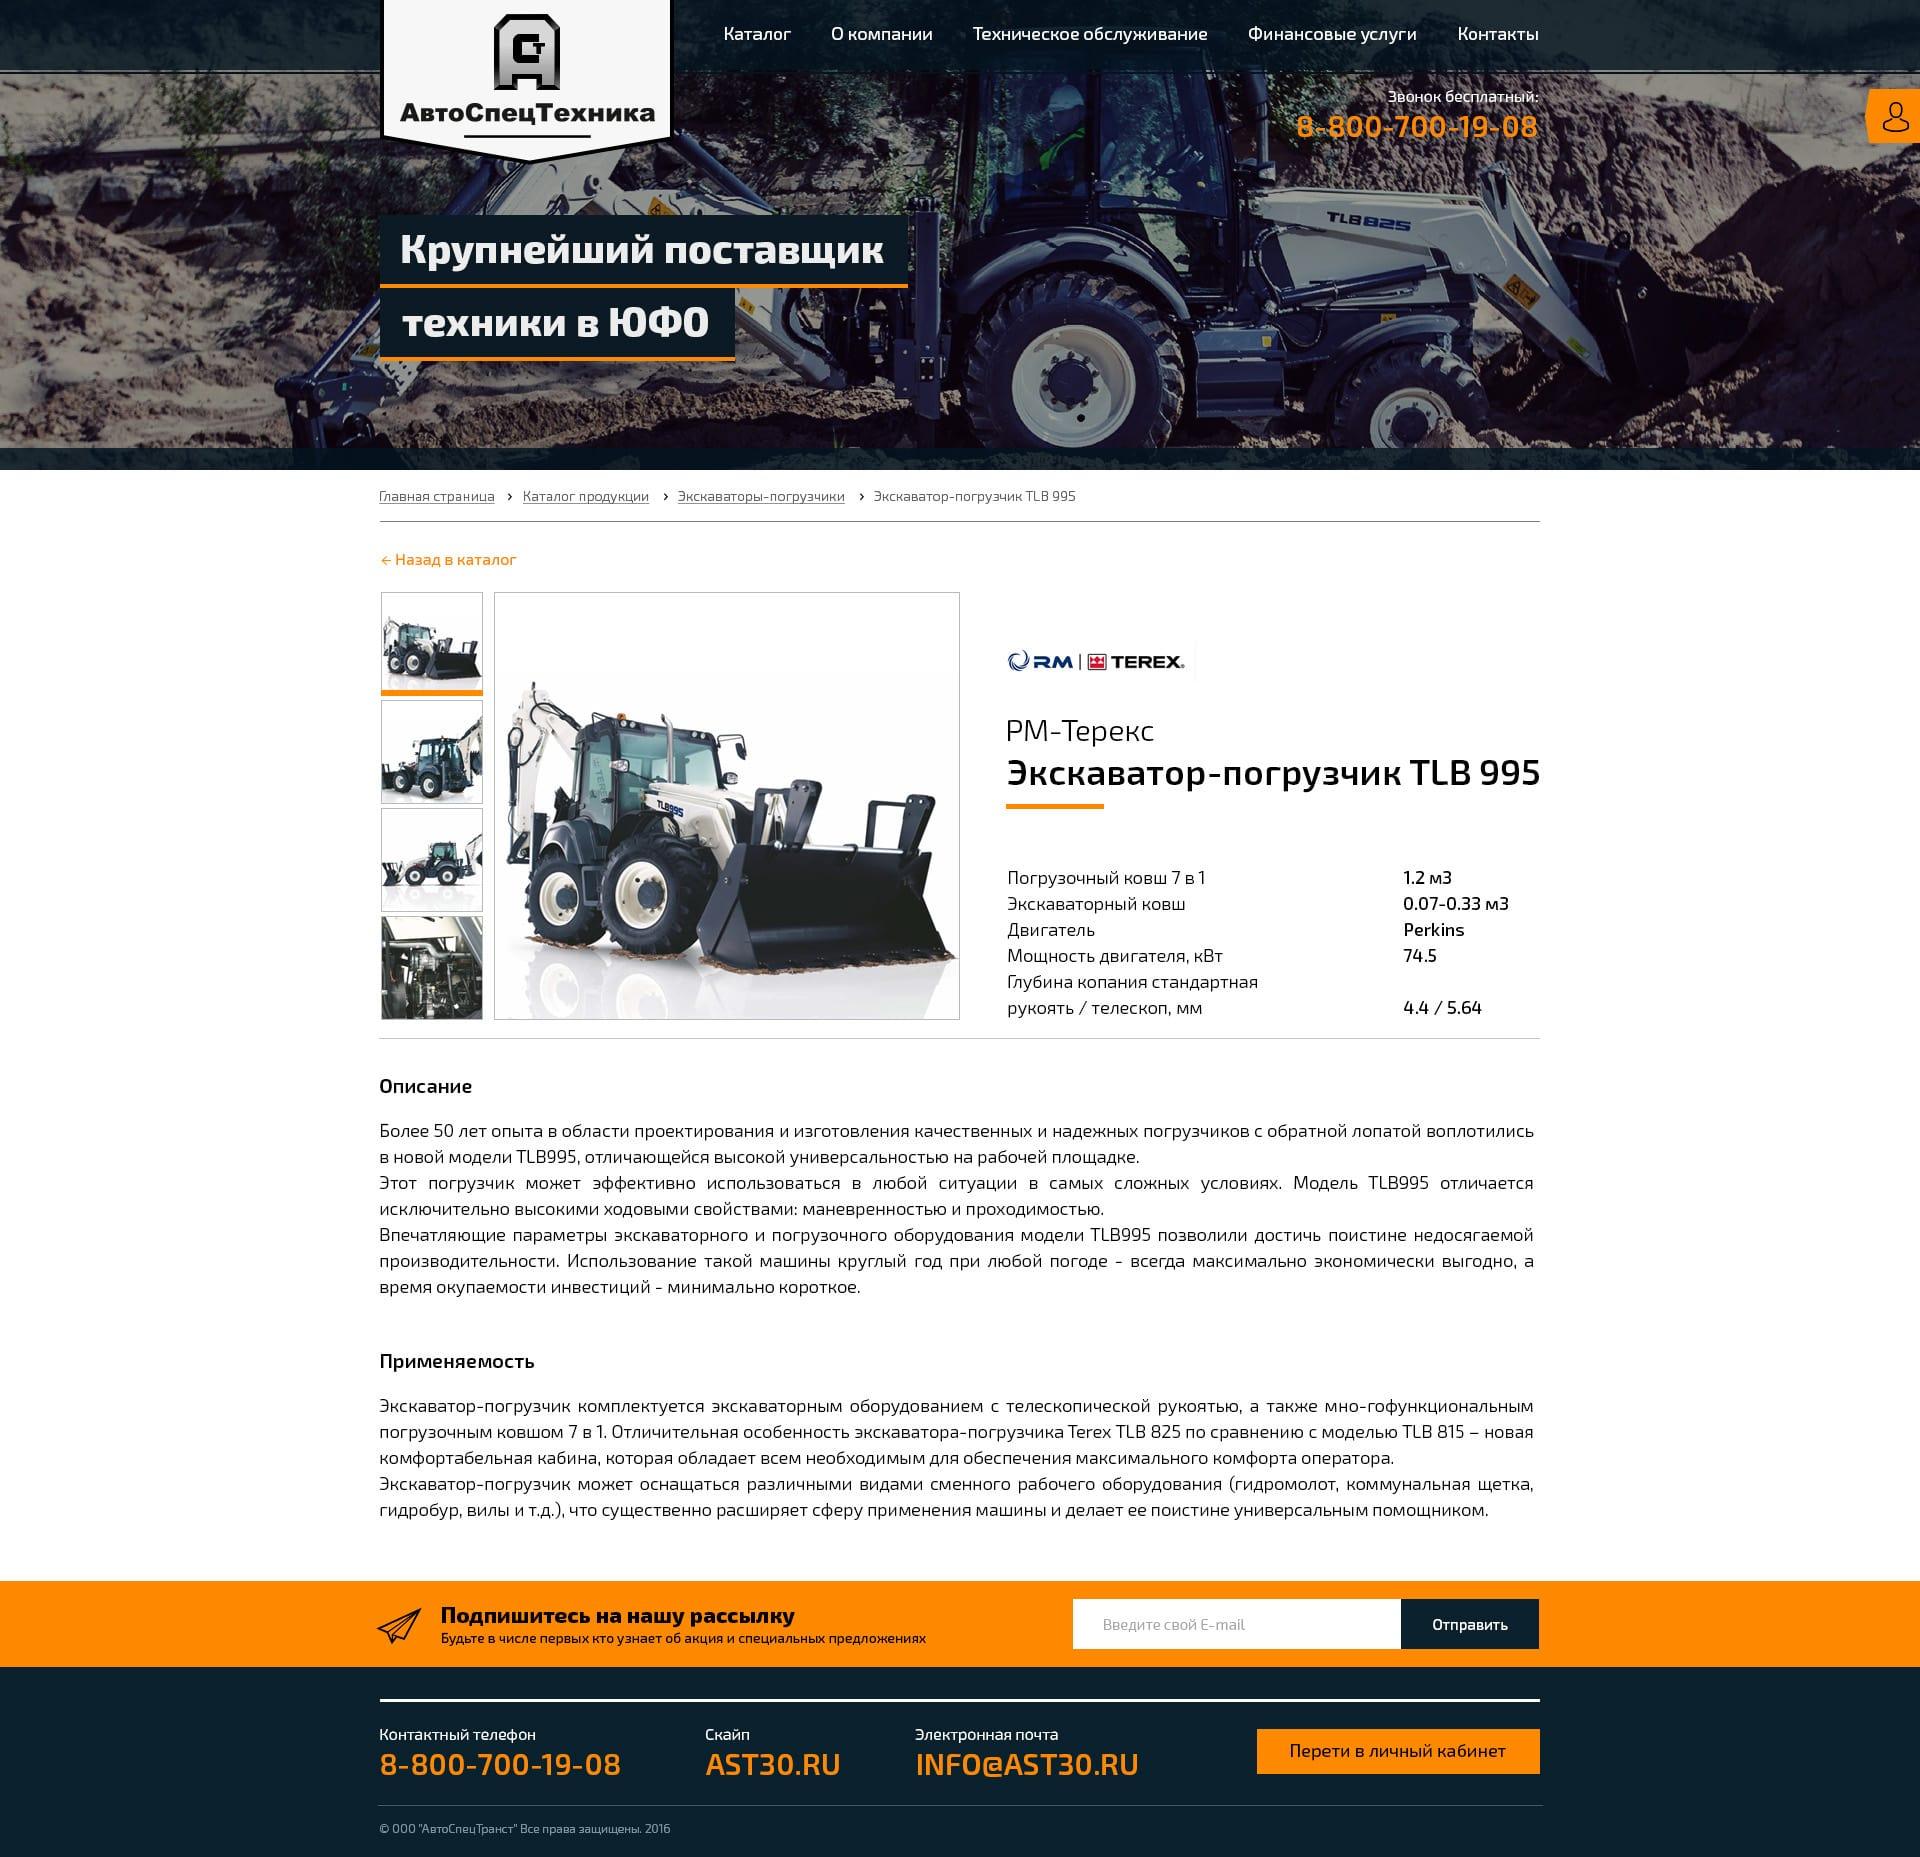 site_AvtoSpetsTekhnika_3-min